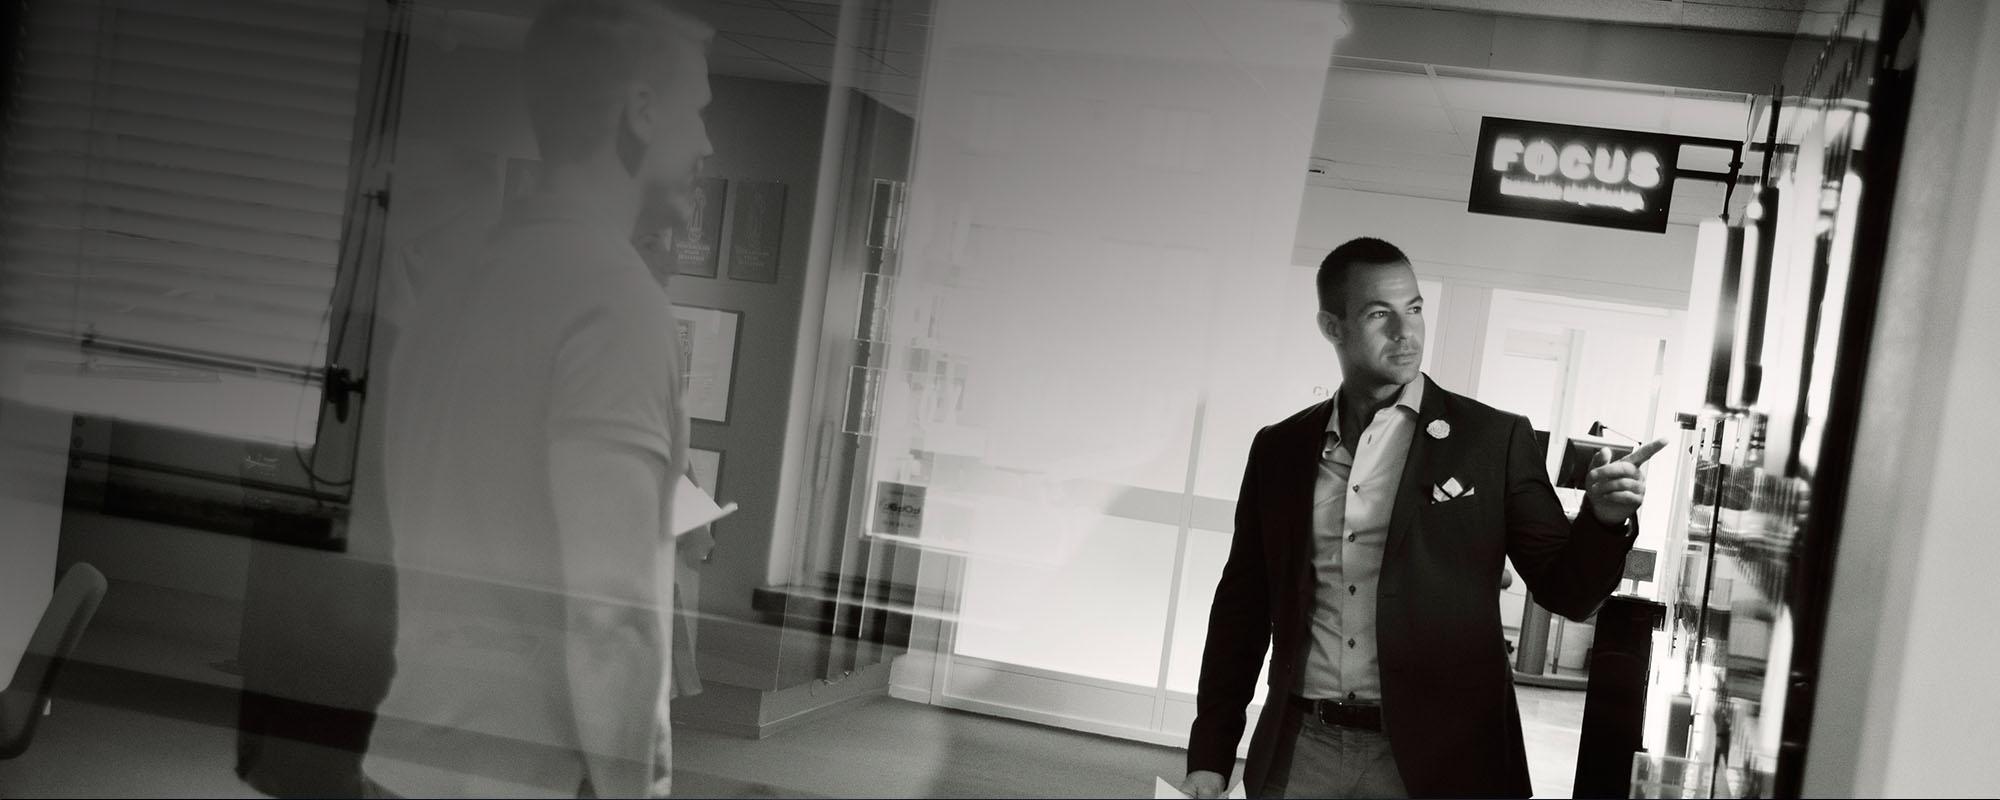 person från skyltföretag i Stockholm poserar för fotografi | FocusNeo